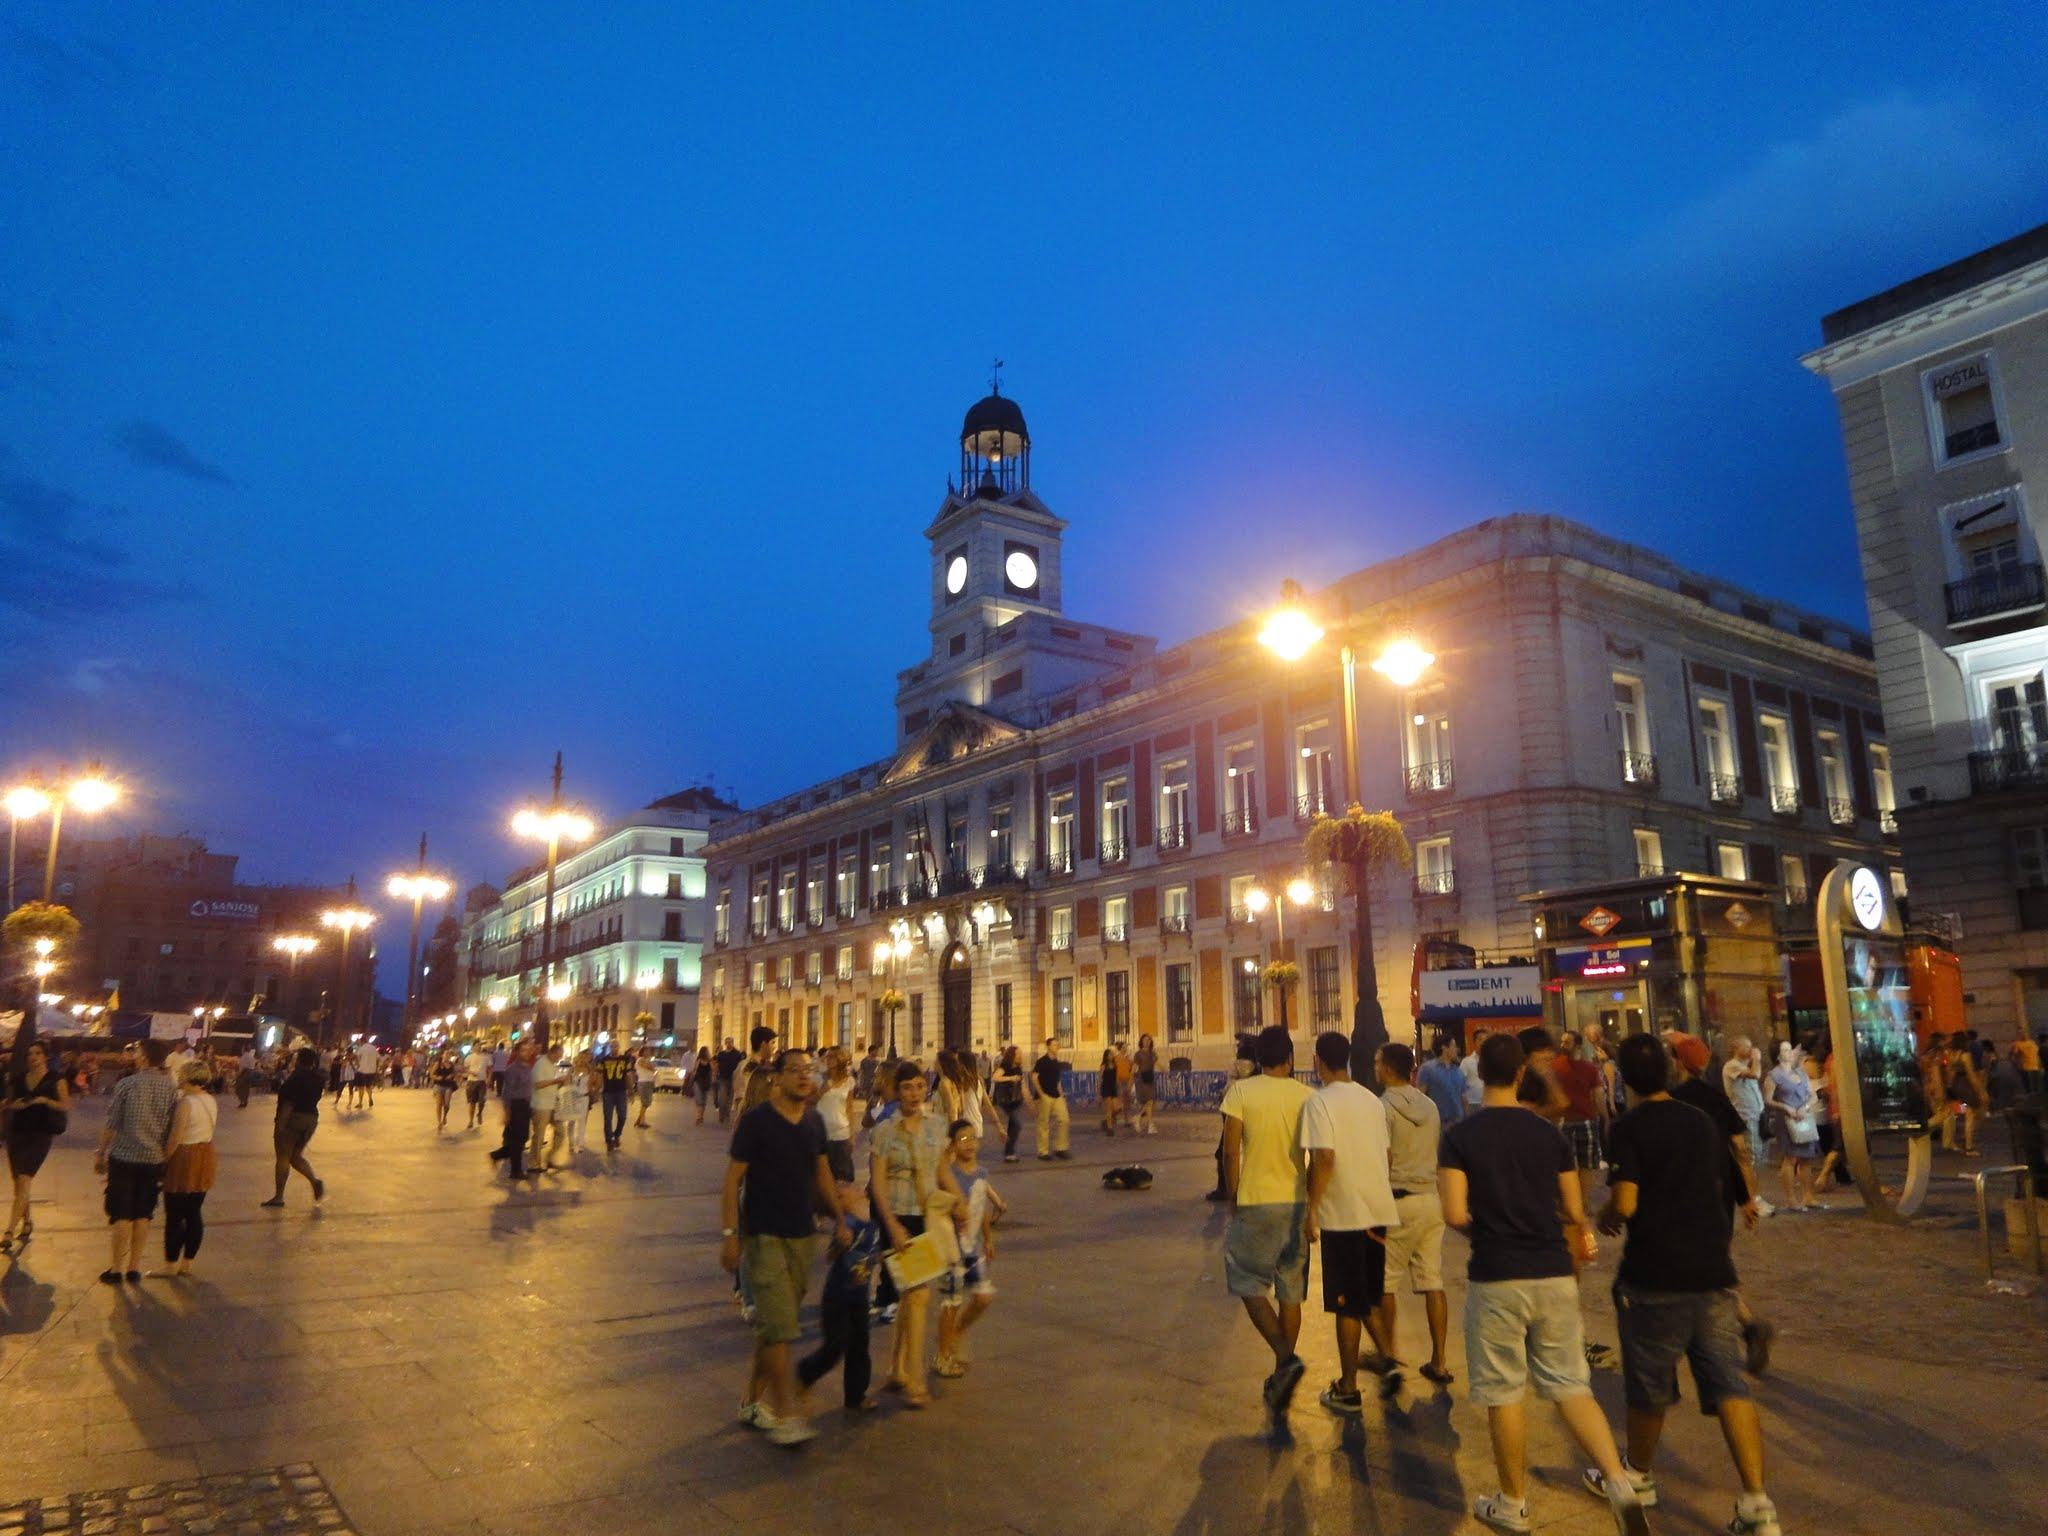 Place puerta del sol nicolas79 voyages d couvertes for Puerta del sol ahora